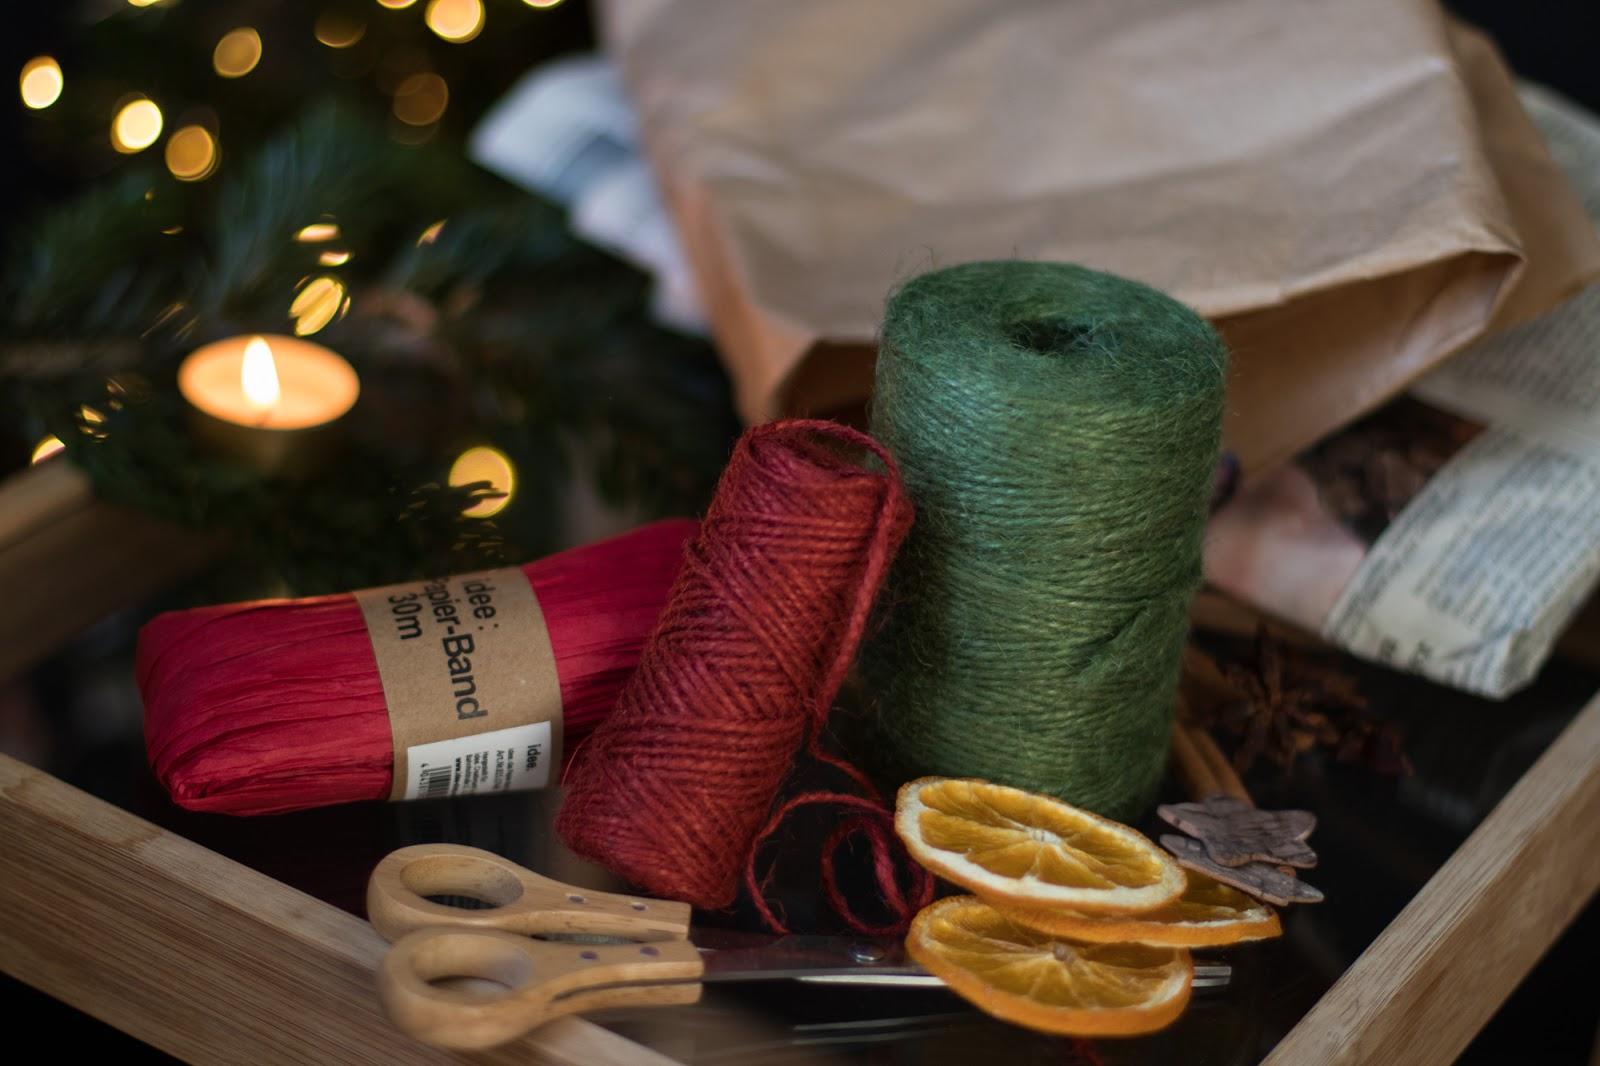 5 tipps f r ein nachhaltiges besinnliches weihnachtsfest. Black Bedroom Furniture Sets. Home Design Ideas